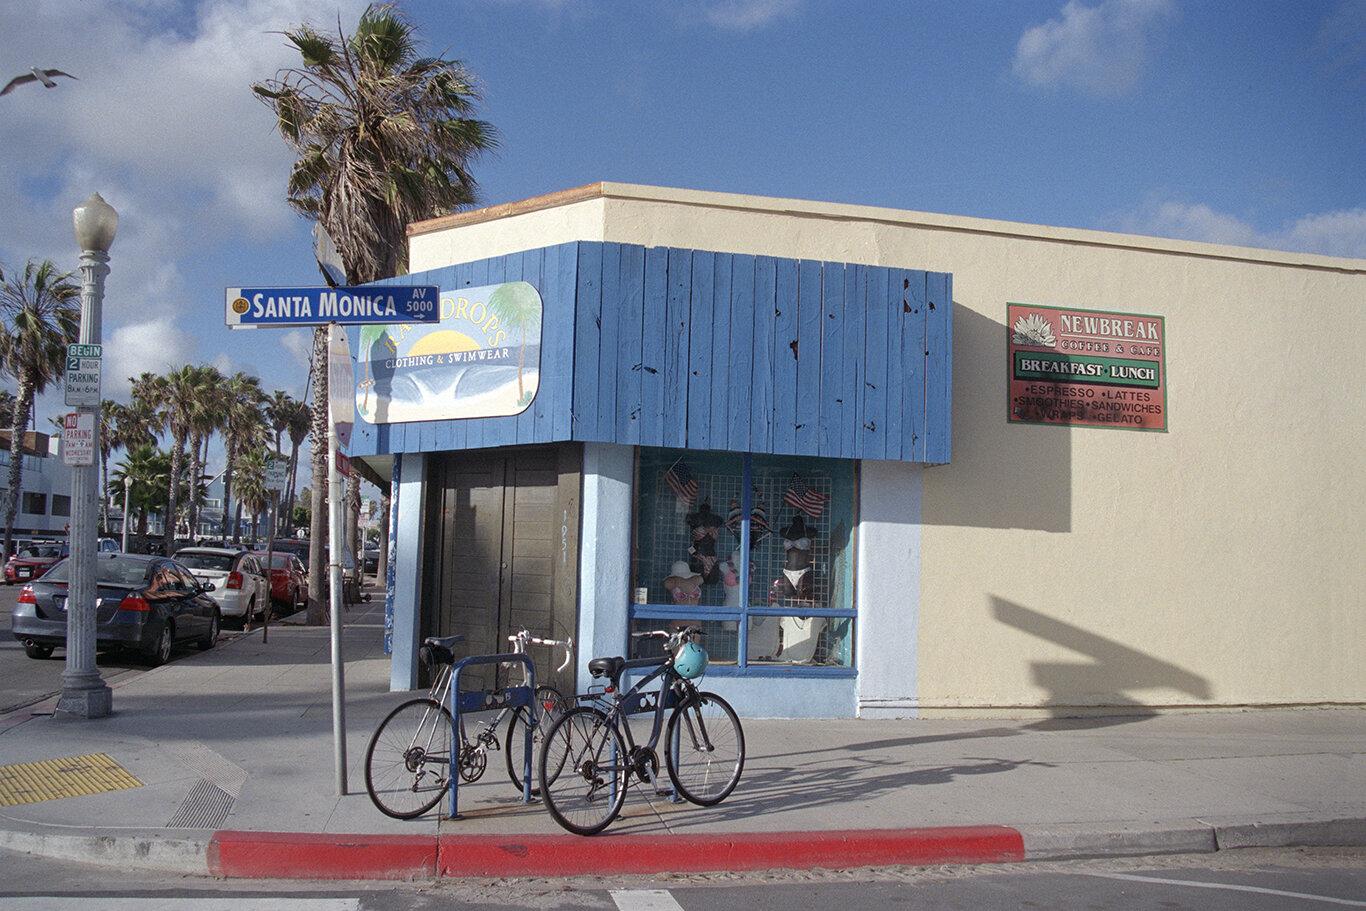 Corner of Peace and Love, Abbott Avenue and Santa Monica Avenue (2019)